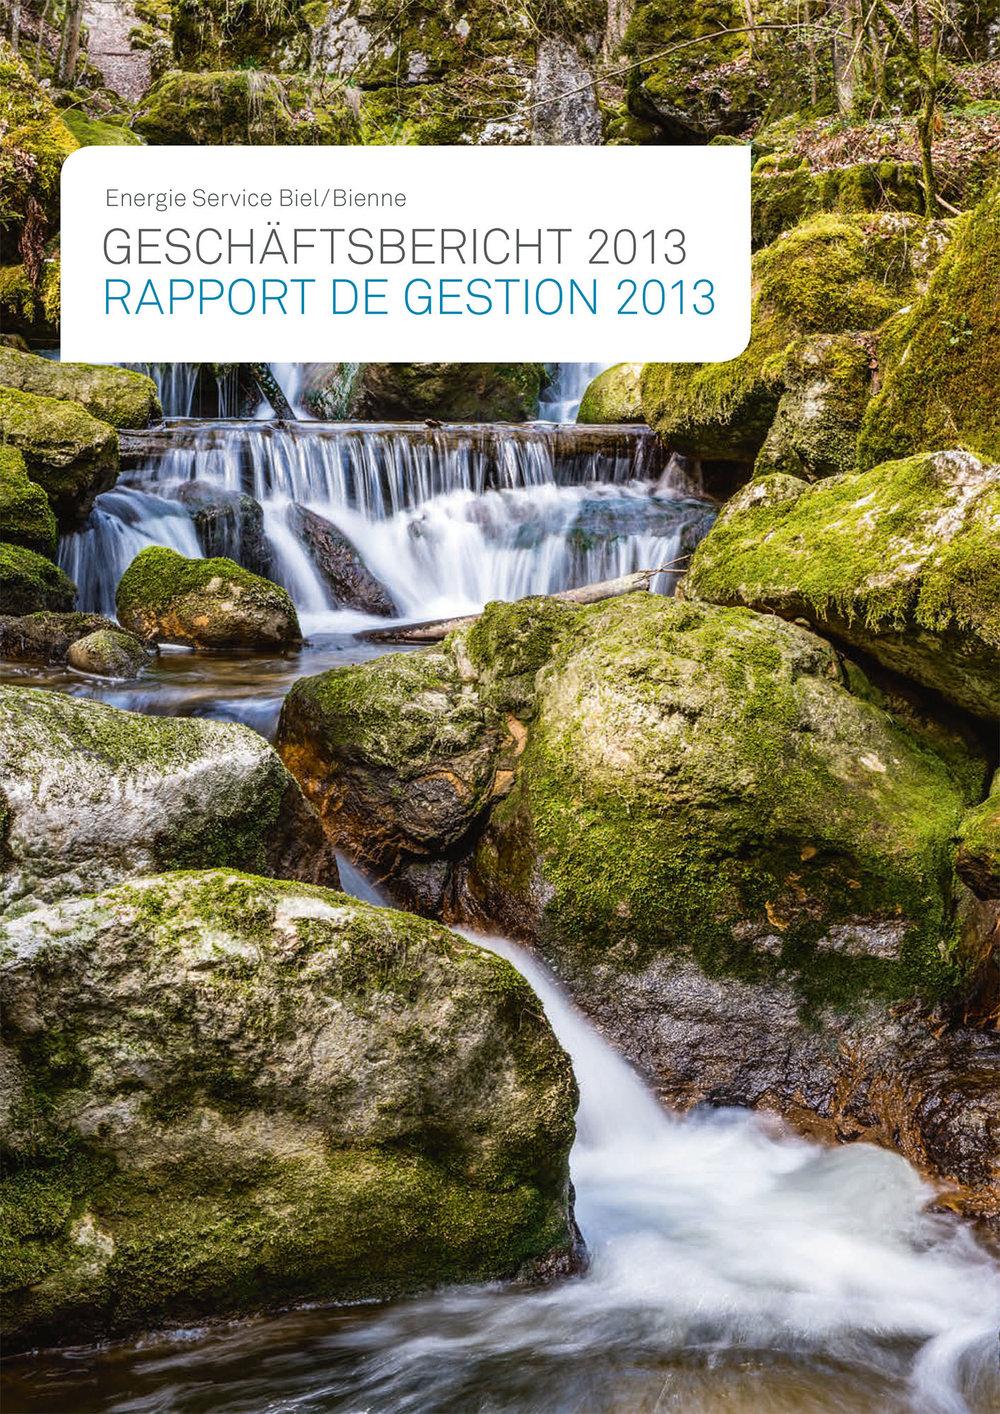 3-2-3_geschaftsbericht_2013_monitor-1.jpg